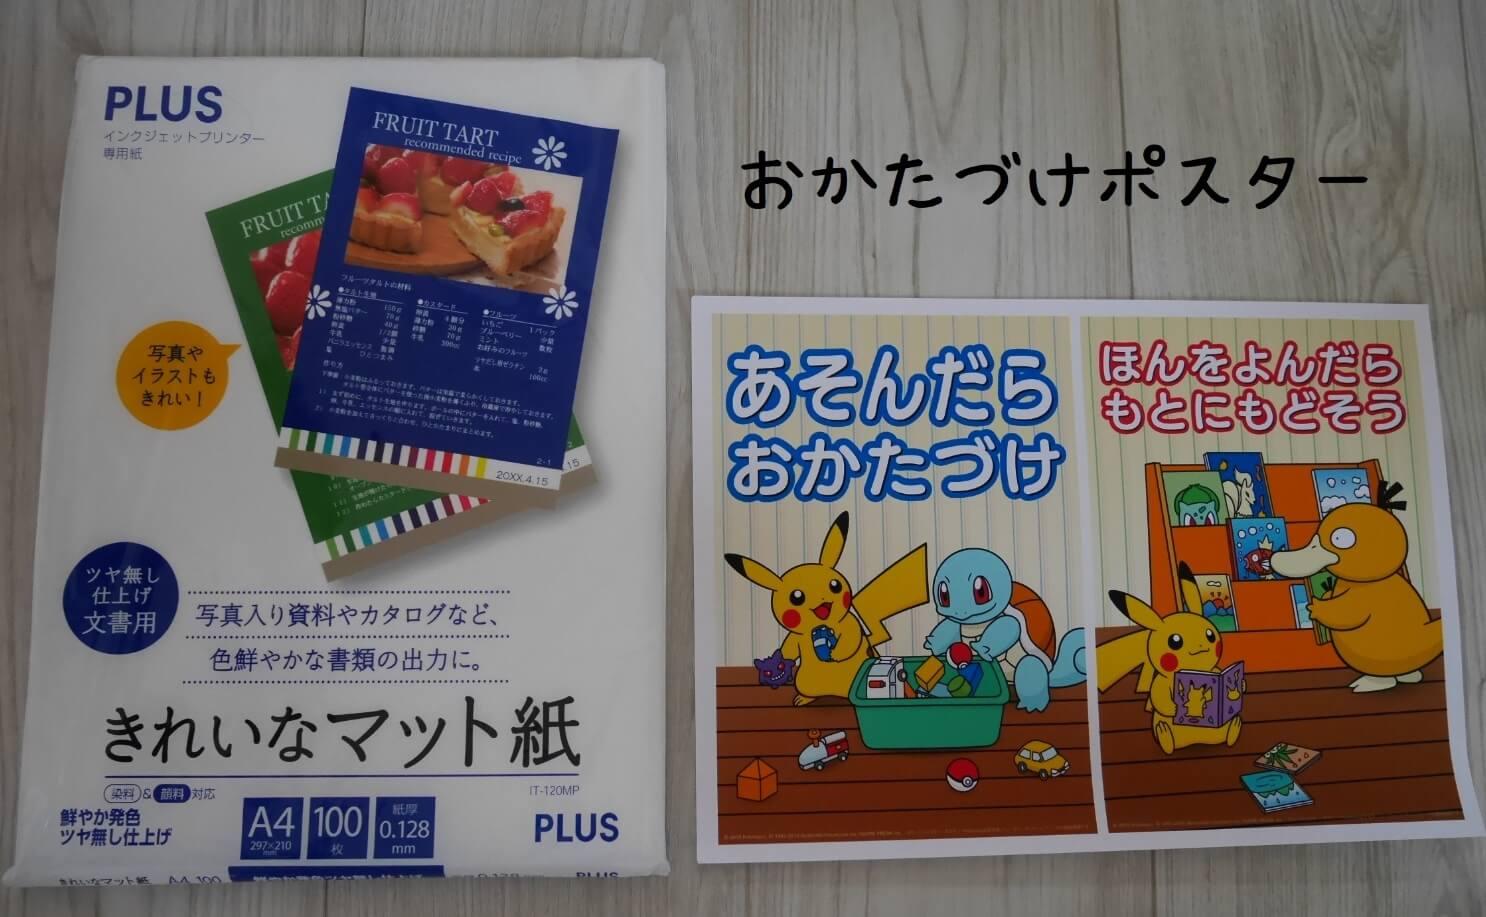 ポケモンイラストラボ 印刷手順5 おかたづけポスター